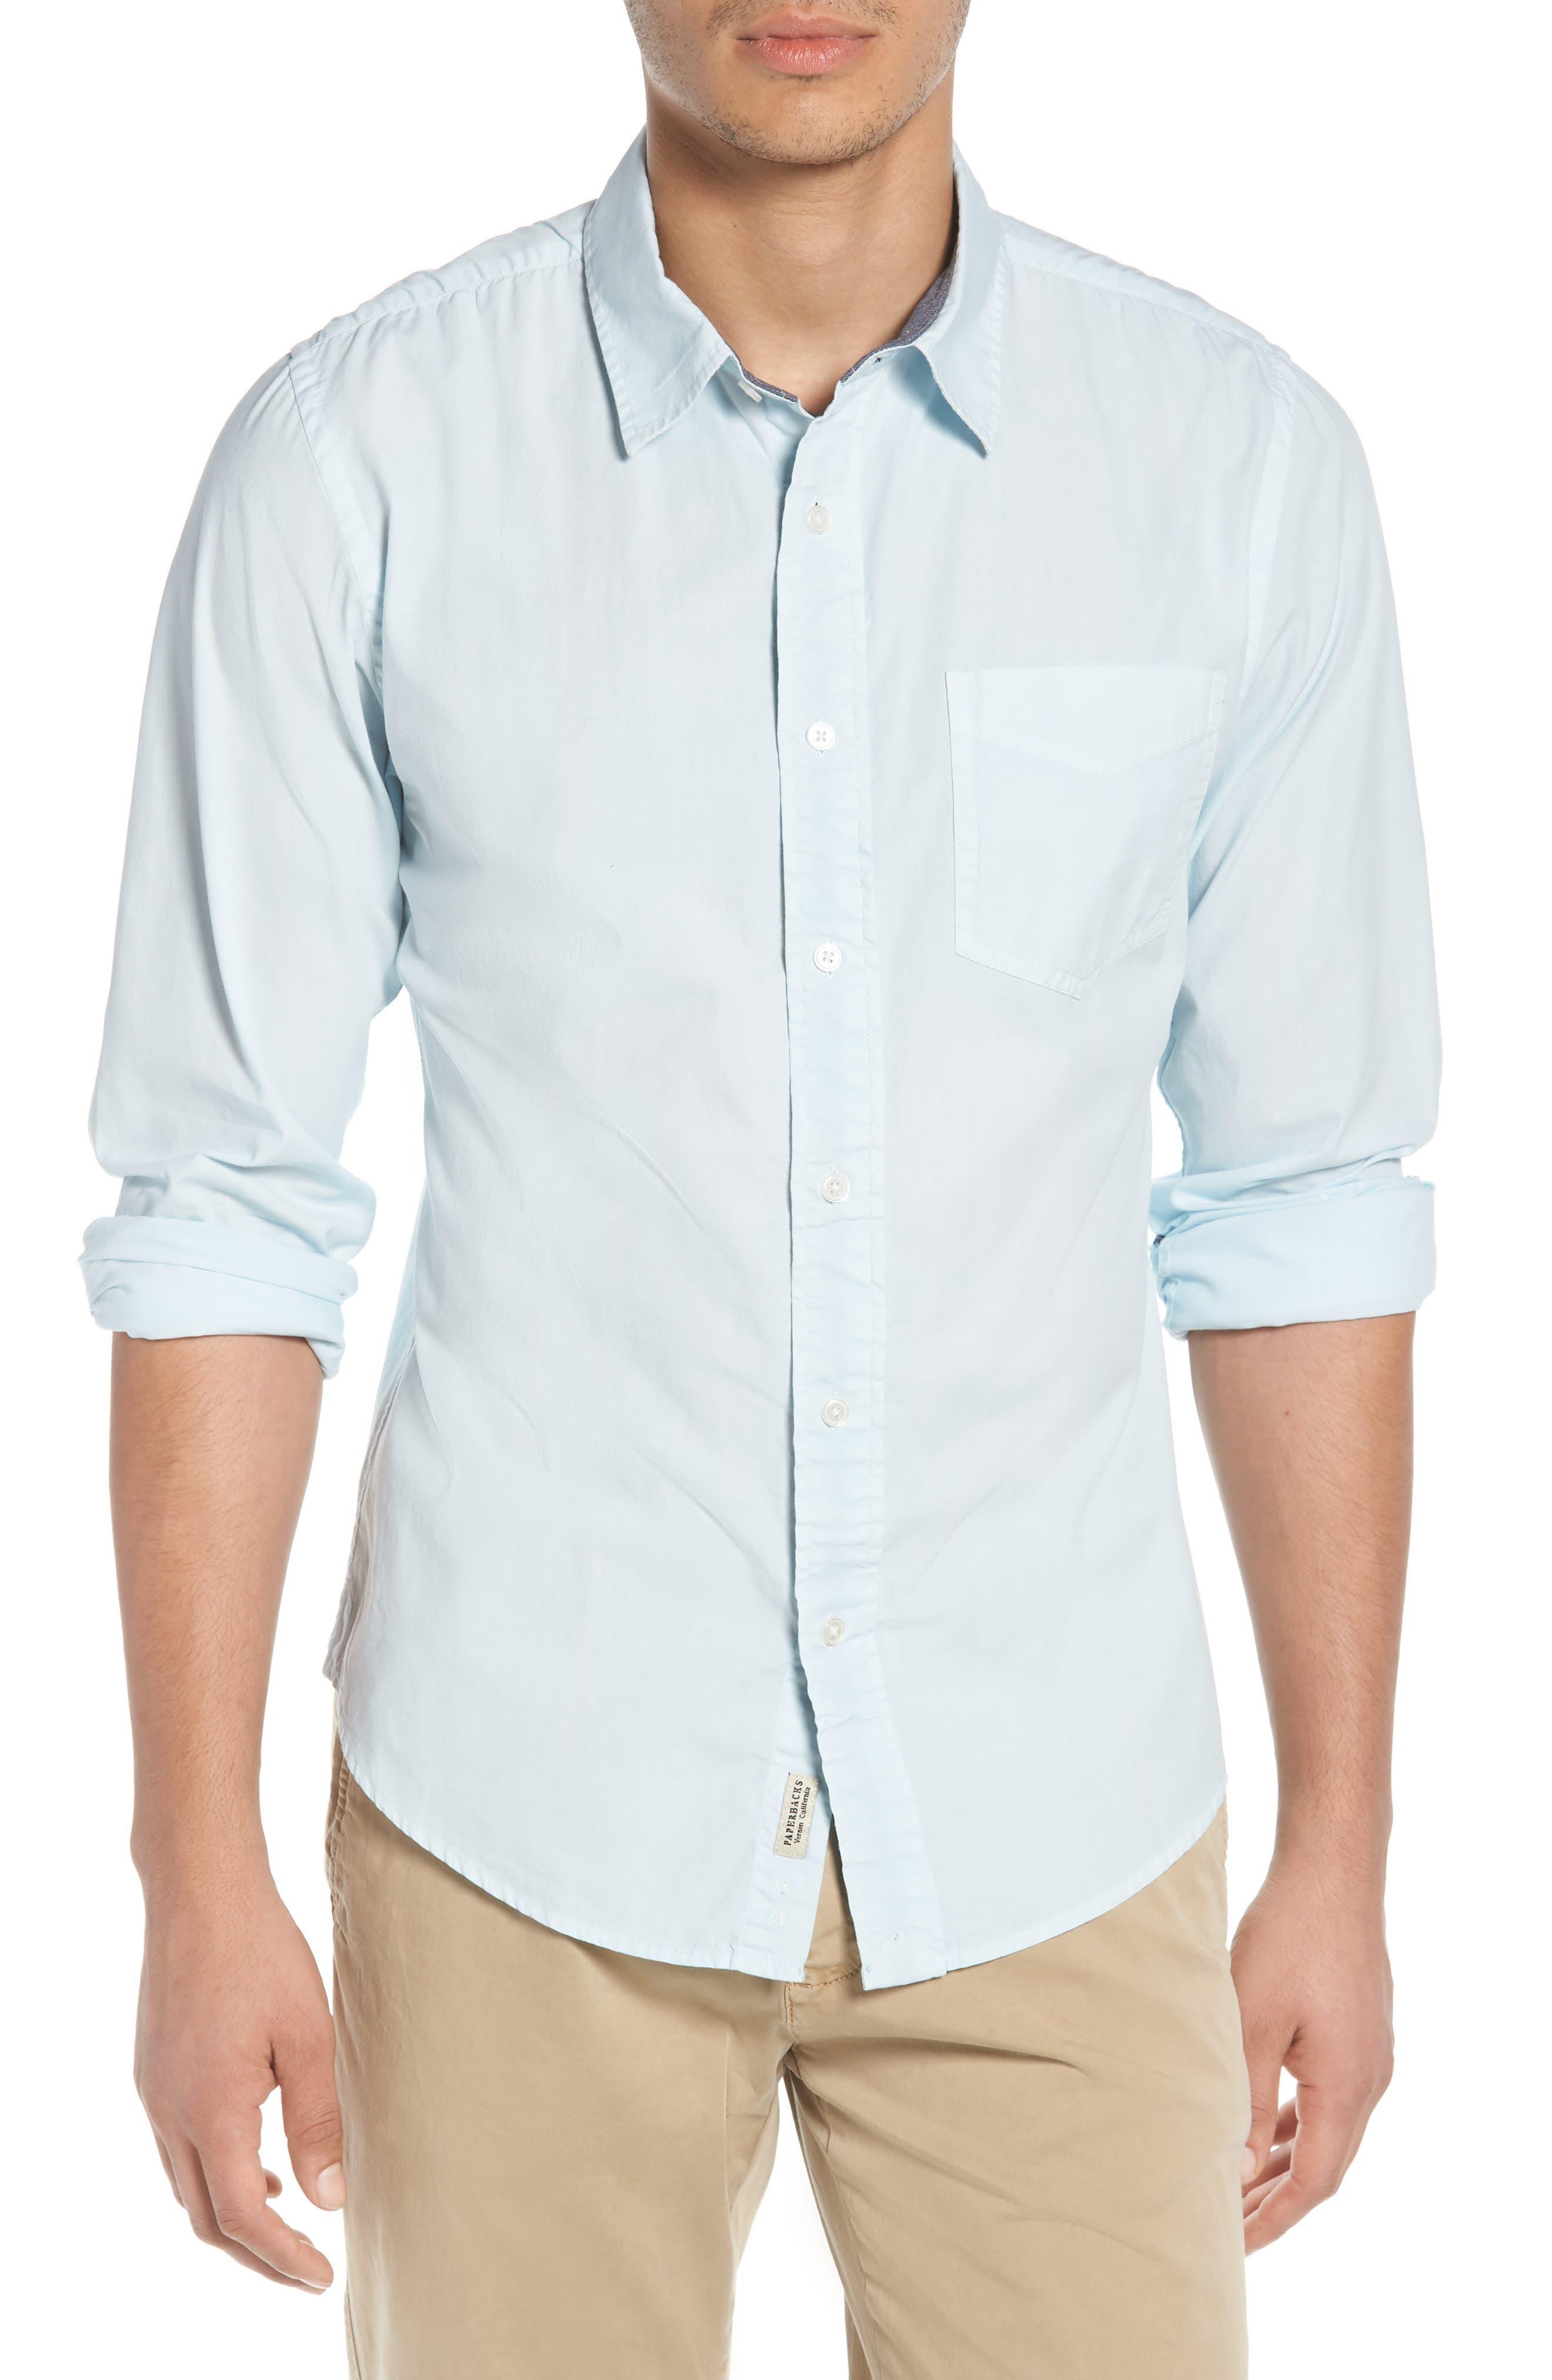 'Naples' Woven Shirt,                             Main thumbnail 1, color,                             Waterfall